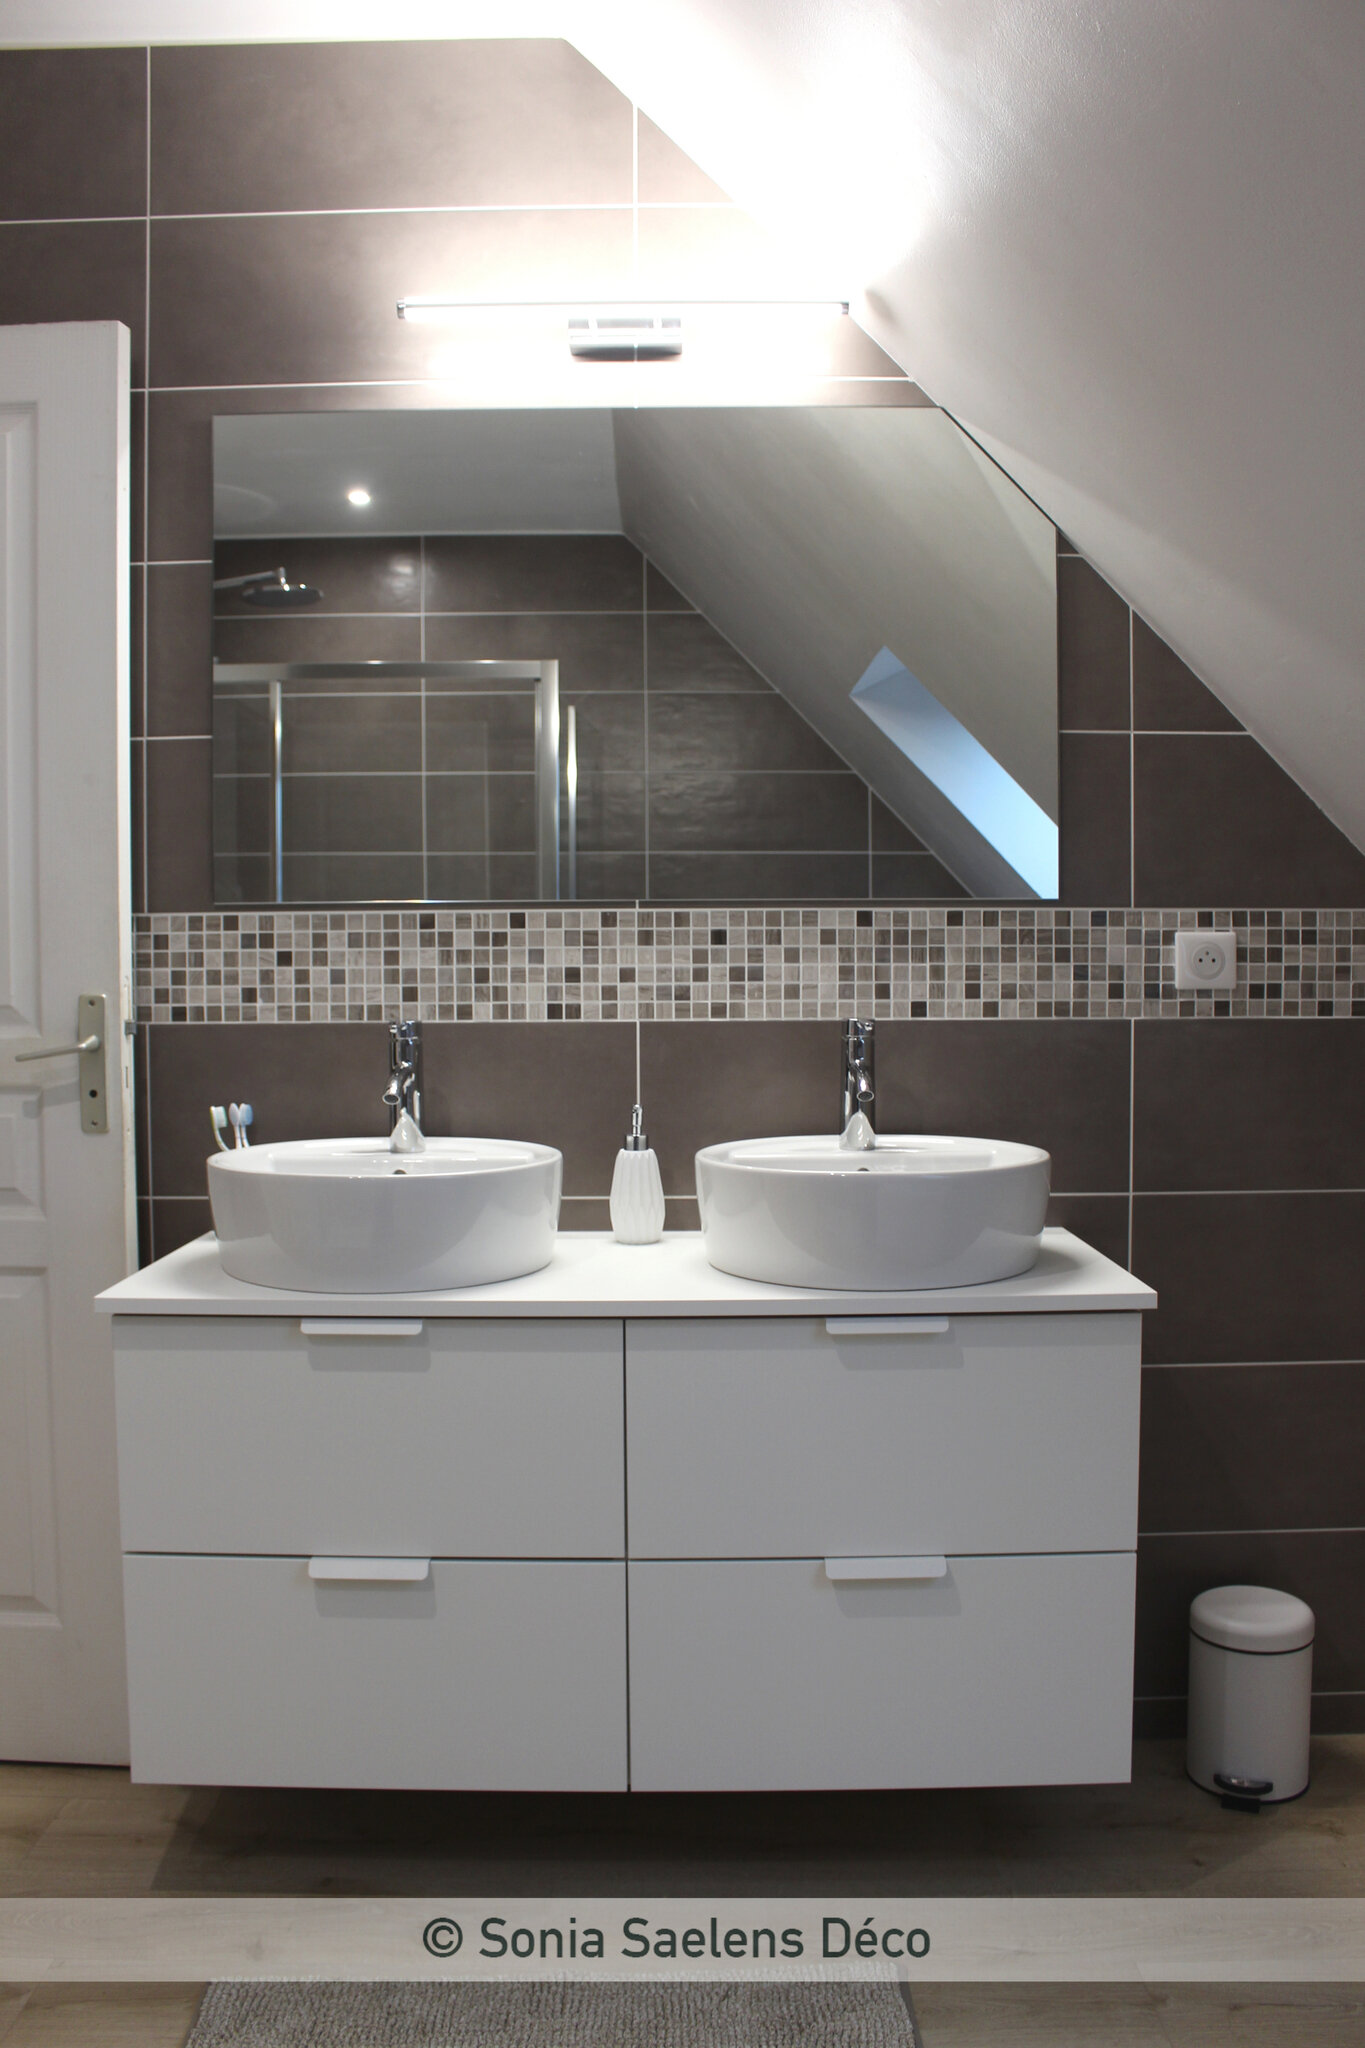 Une salle de bain moderne et chaleureuse - Sonia Saelens déco